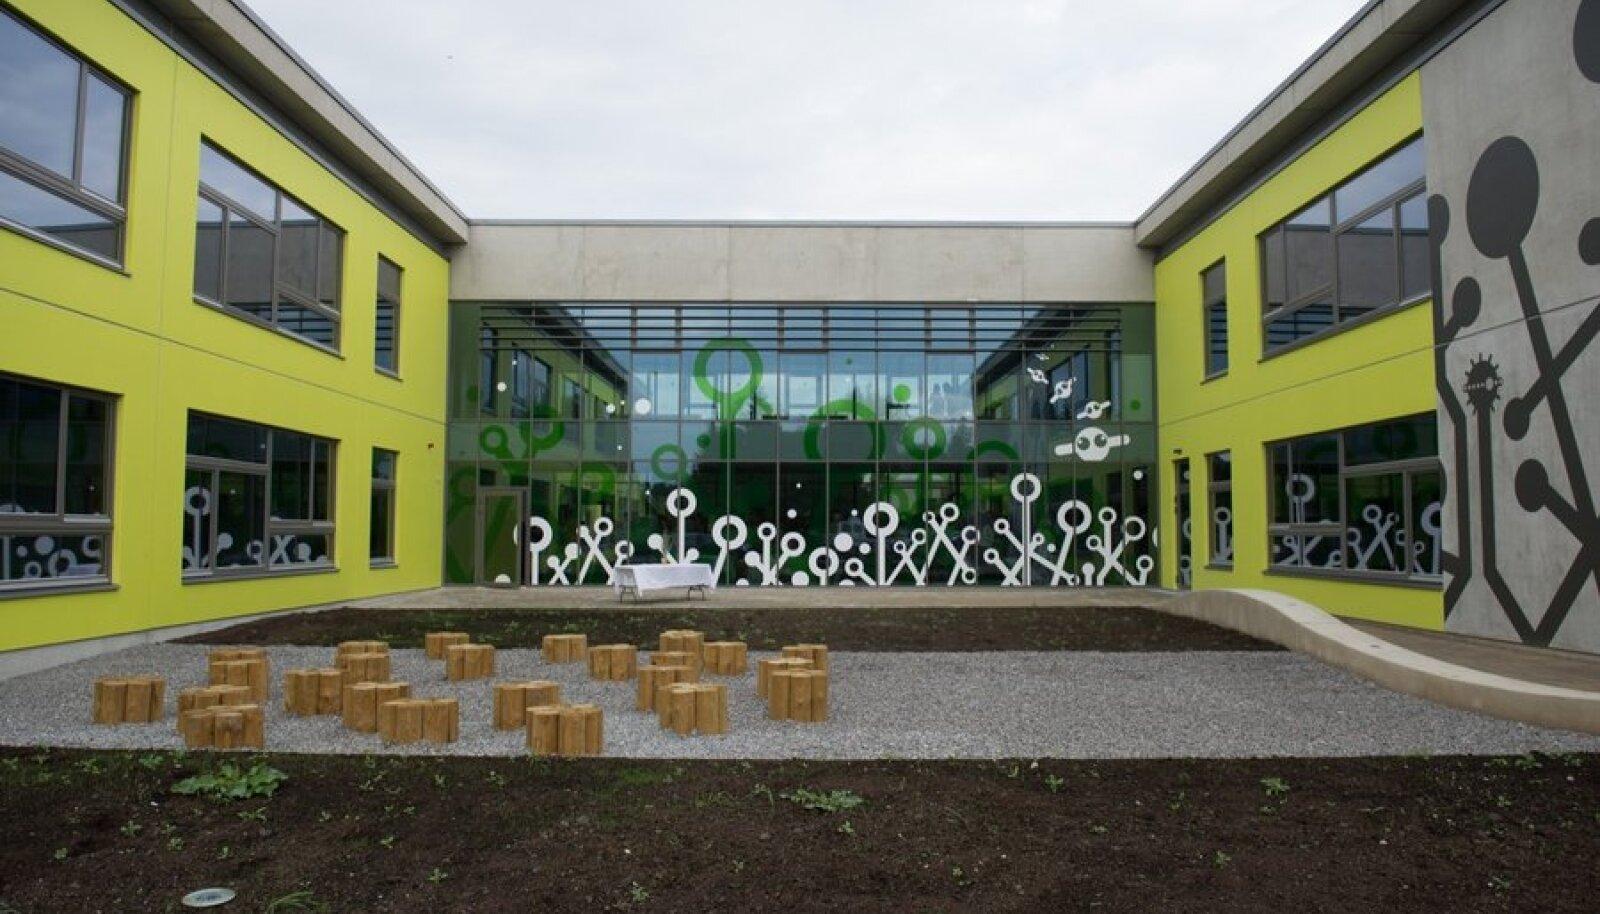 Täna avati Viimsis vastvalminud Randvere Kool, mis hakkab 1. septembrist teenindama peamiselt Leppneeme, Tammneeme, Randvere, Metsakasti, Äigrumäe, Laiaküla ja Muuga küla lapsi.  Koolis on kohti ligi 450 õpilasele kolmes paralleelis I kuni VI klassini.